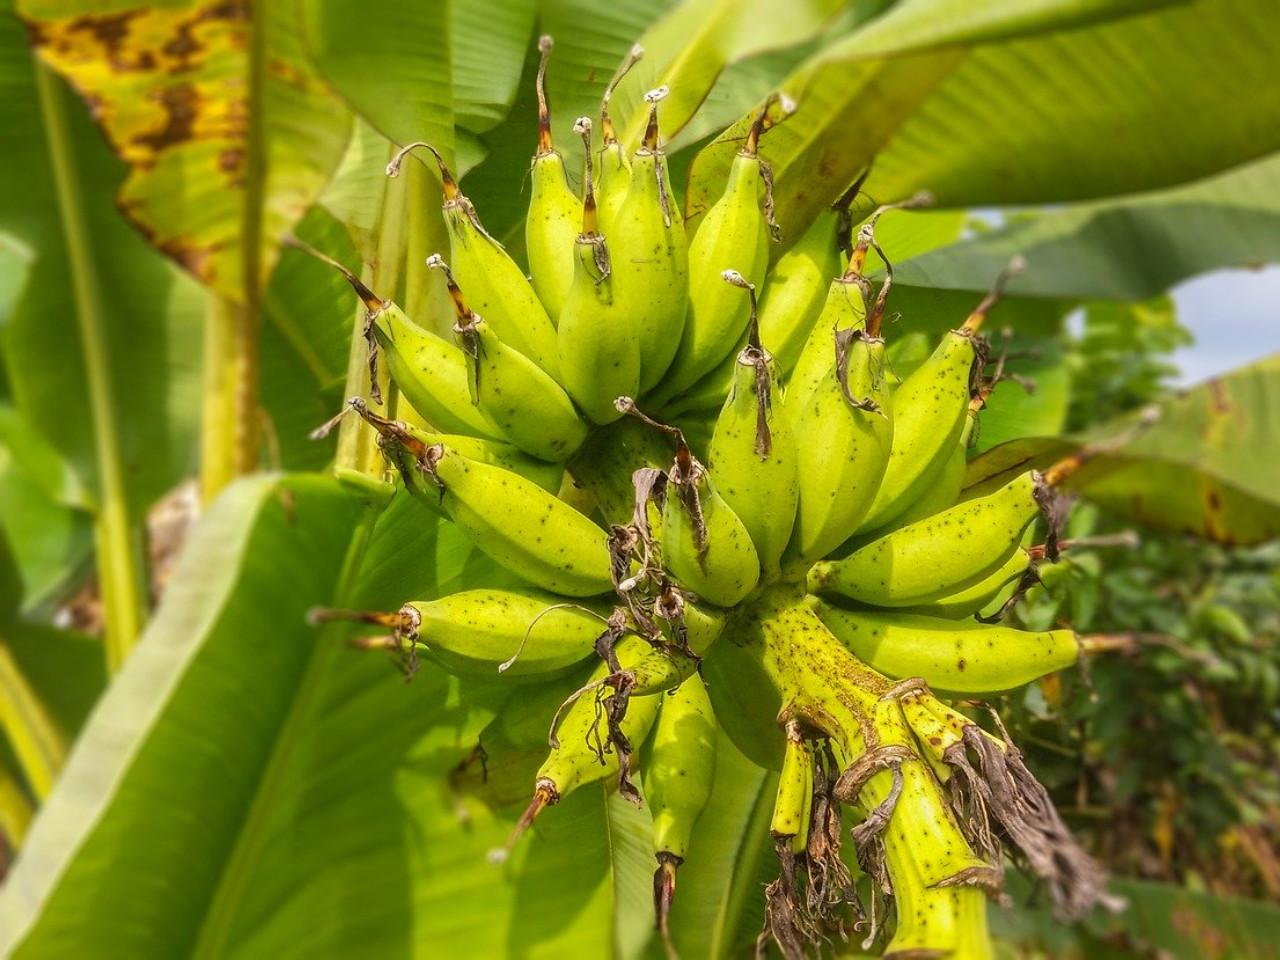 pohon-pisang-tidak-terkena-penyakit.jpg